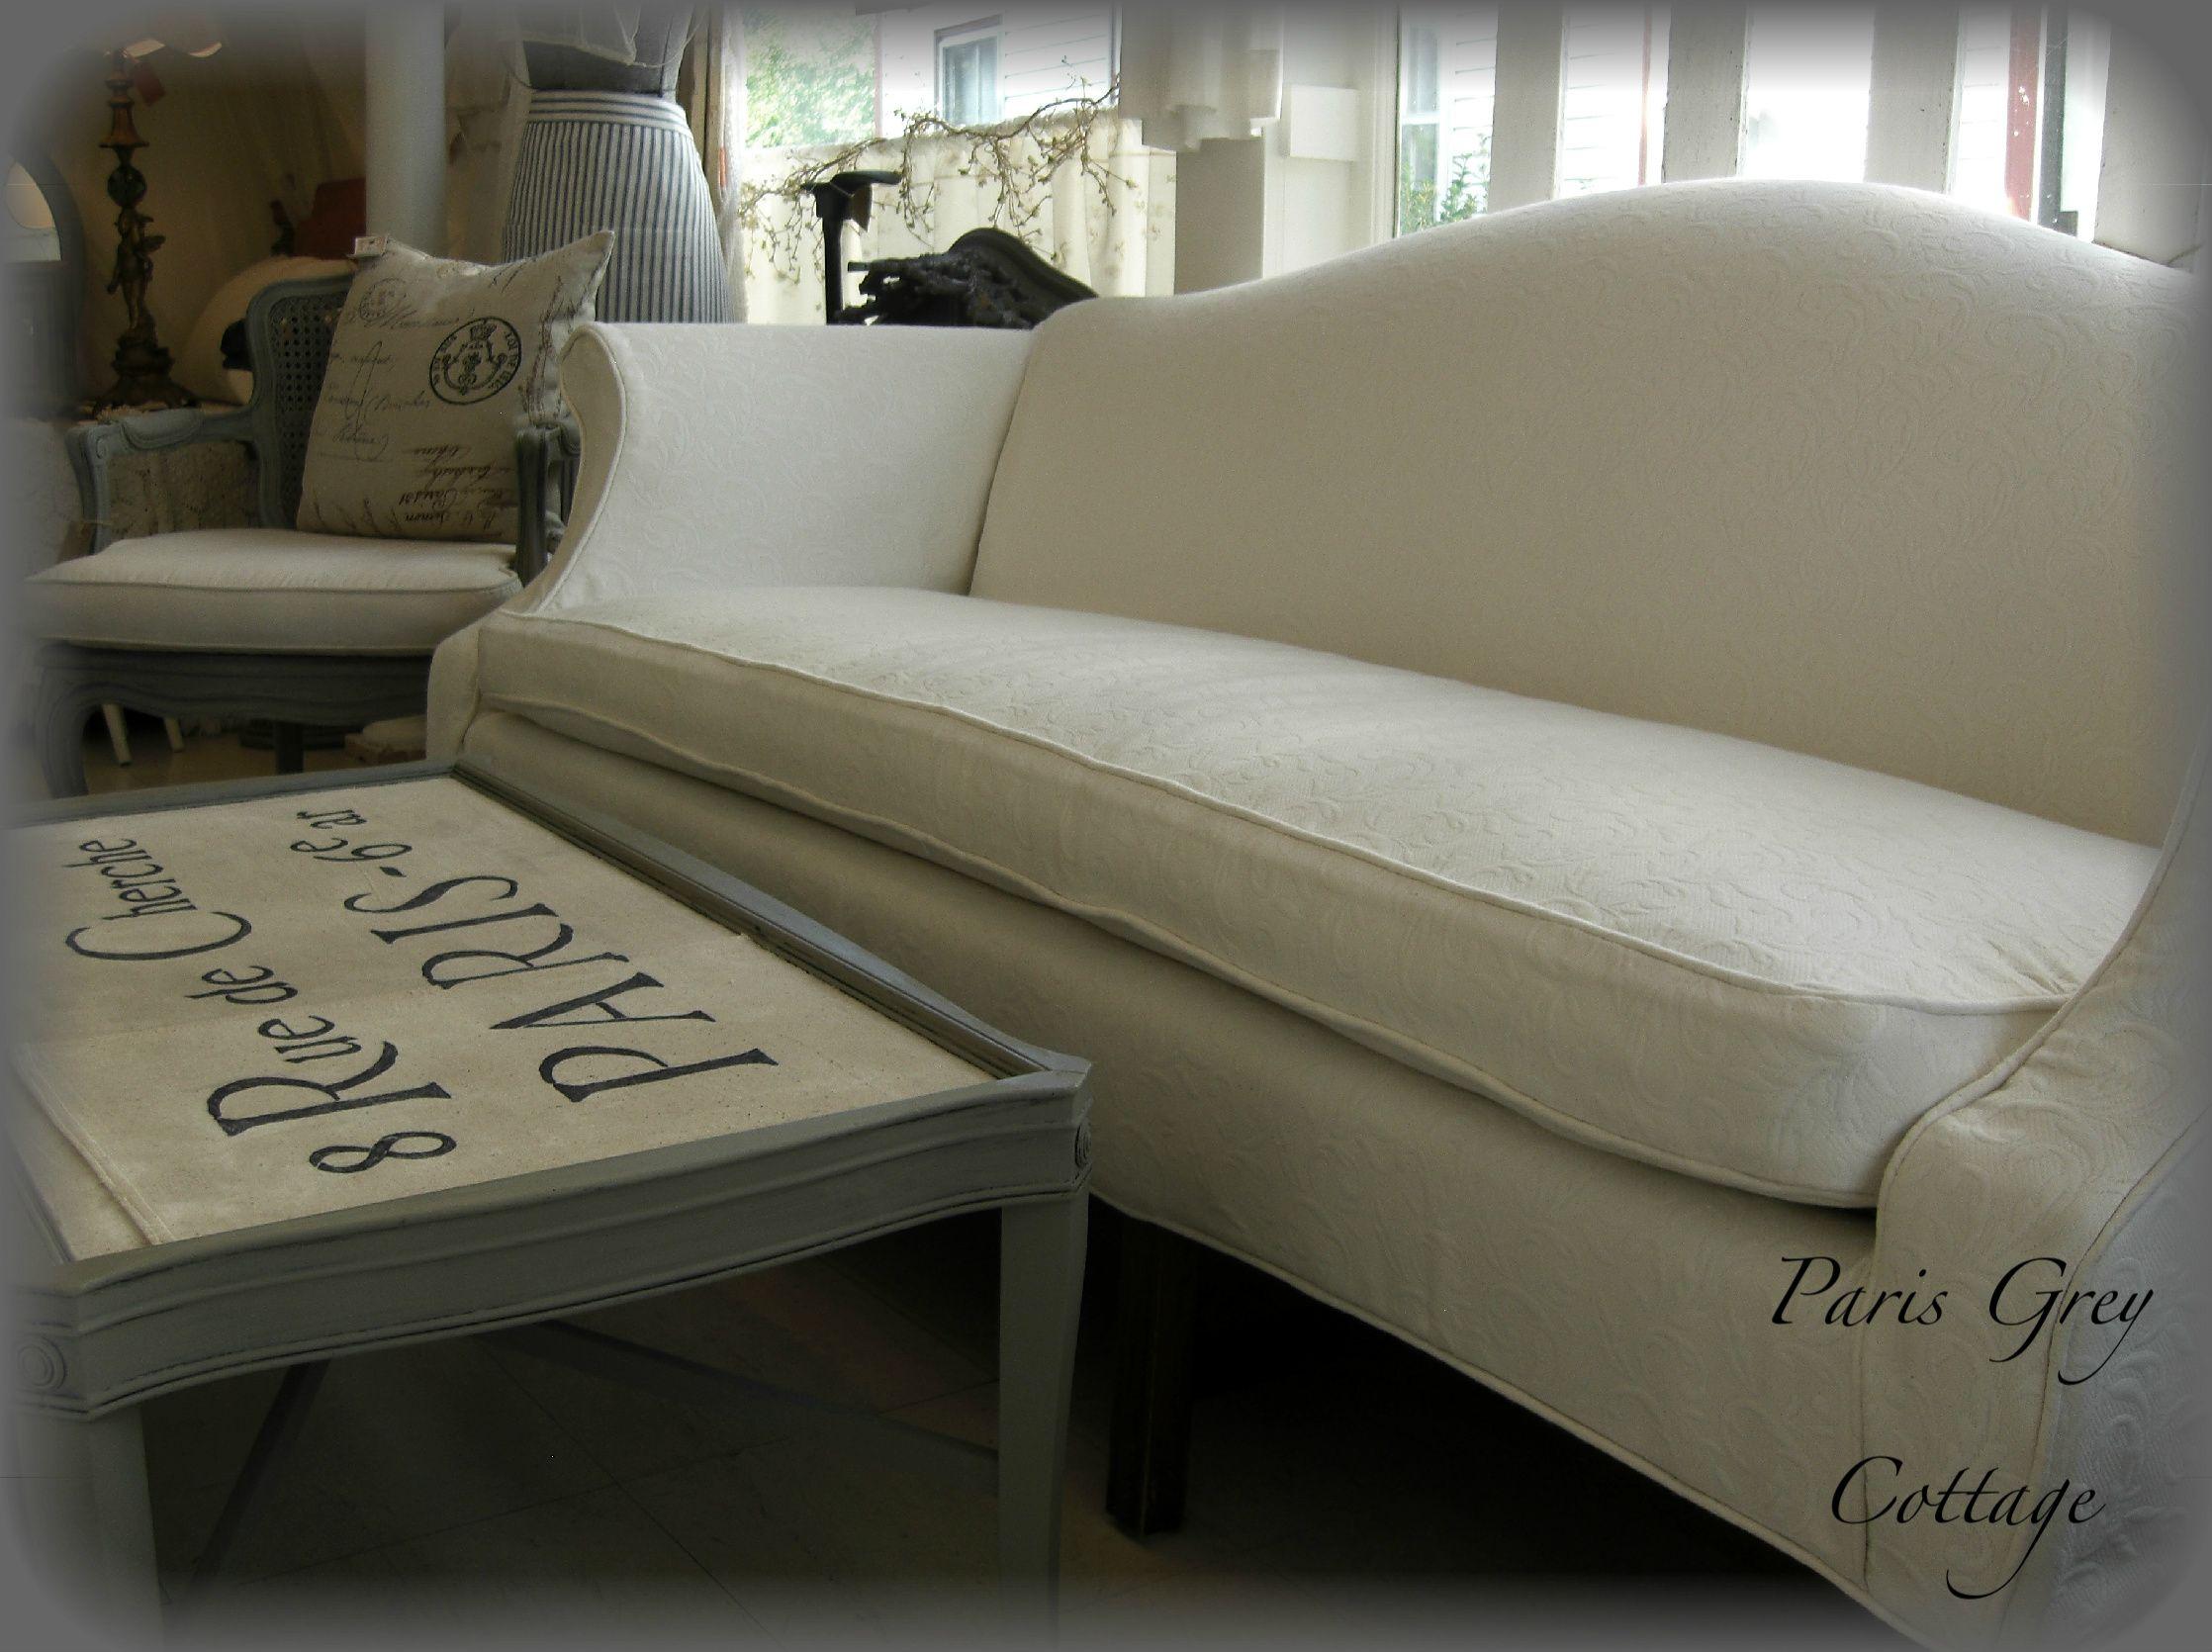 Slip Covered Camel Back Sofa Inside Paris Grey Cottage